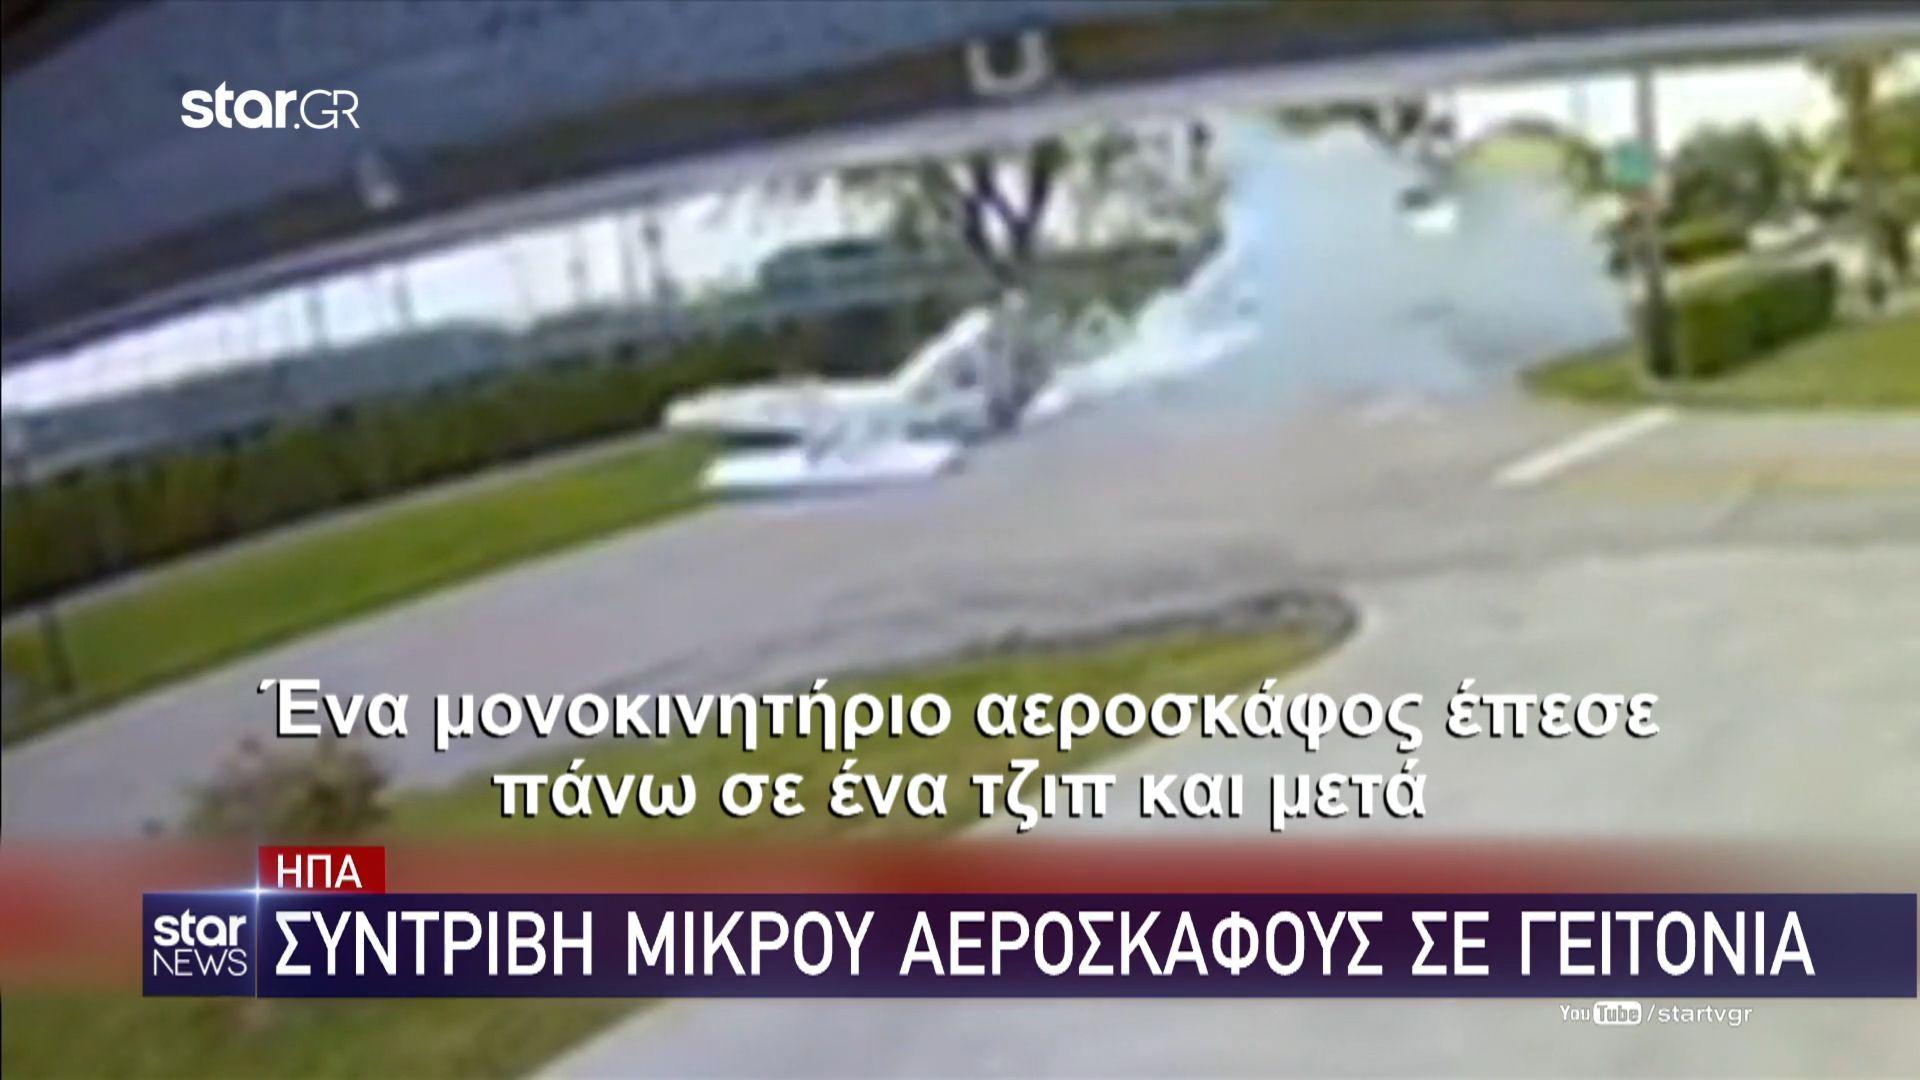 ΗΠΑ: Βίντεο – σοκ, συντριβή μικρού αεροσκάφους σε γειτονιά (vid)   panathinaikos24.gr